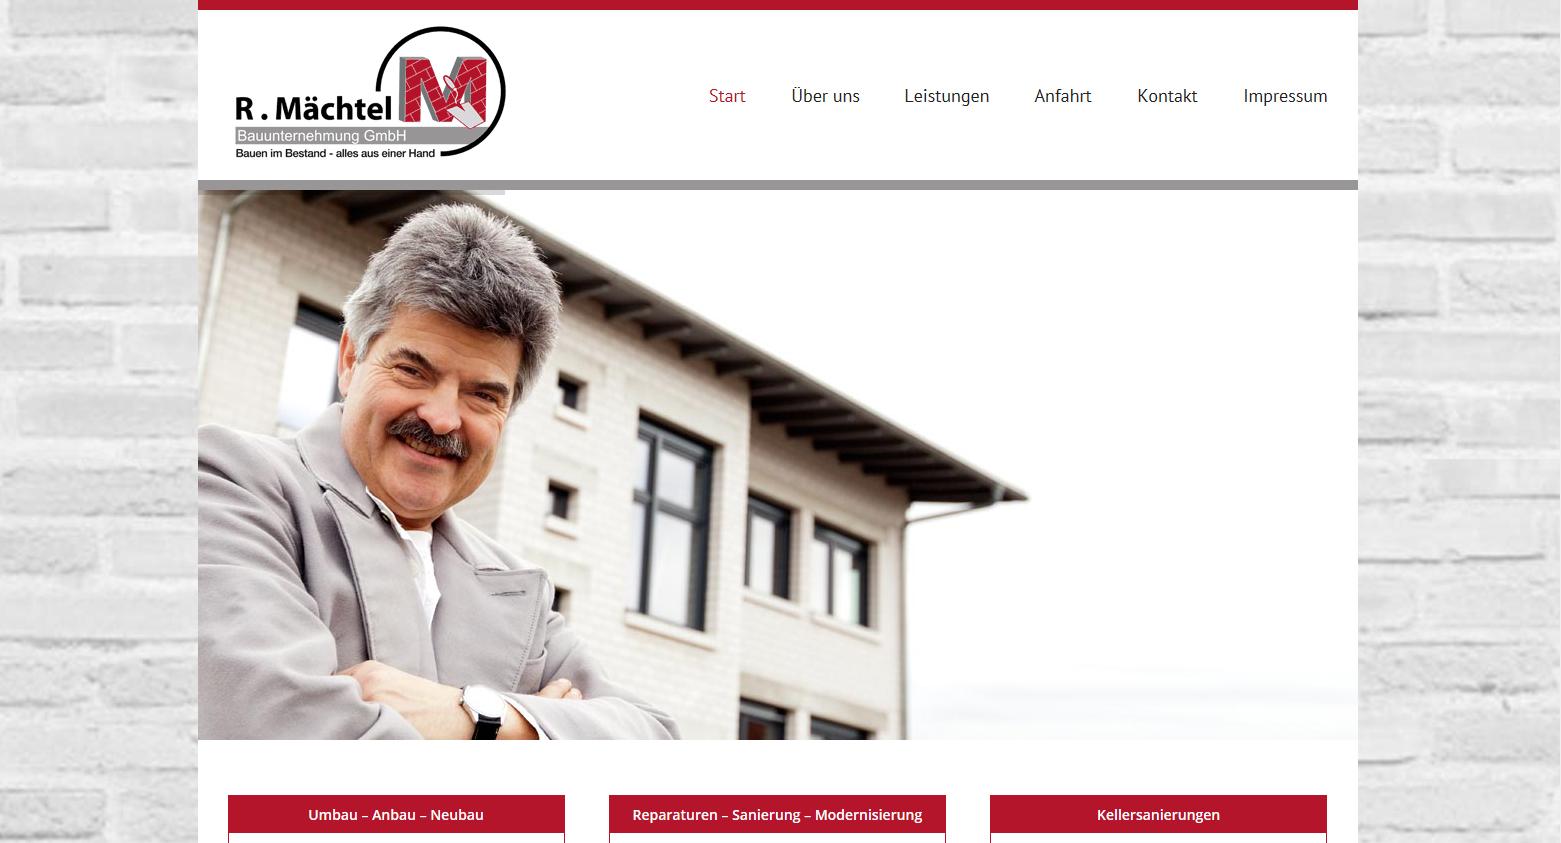 R. Mächtel Bauunternehmung GmbH